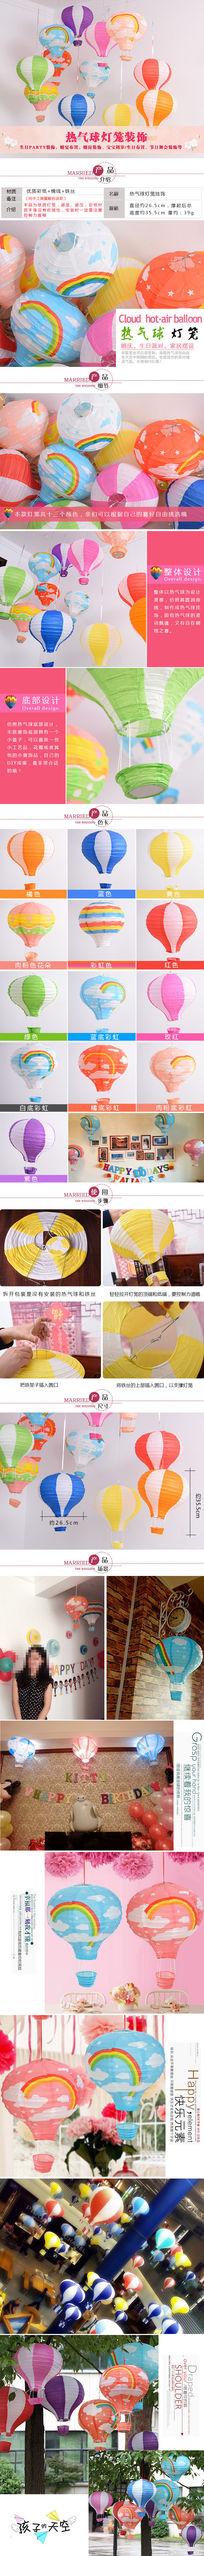 热气球灯笼婚房儿童房装饰详情页